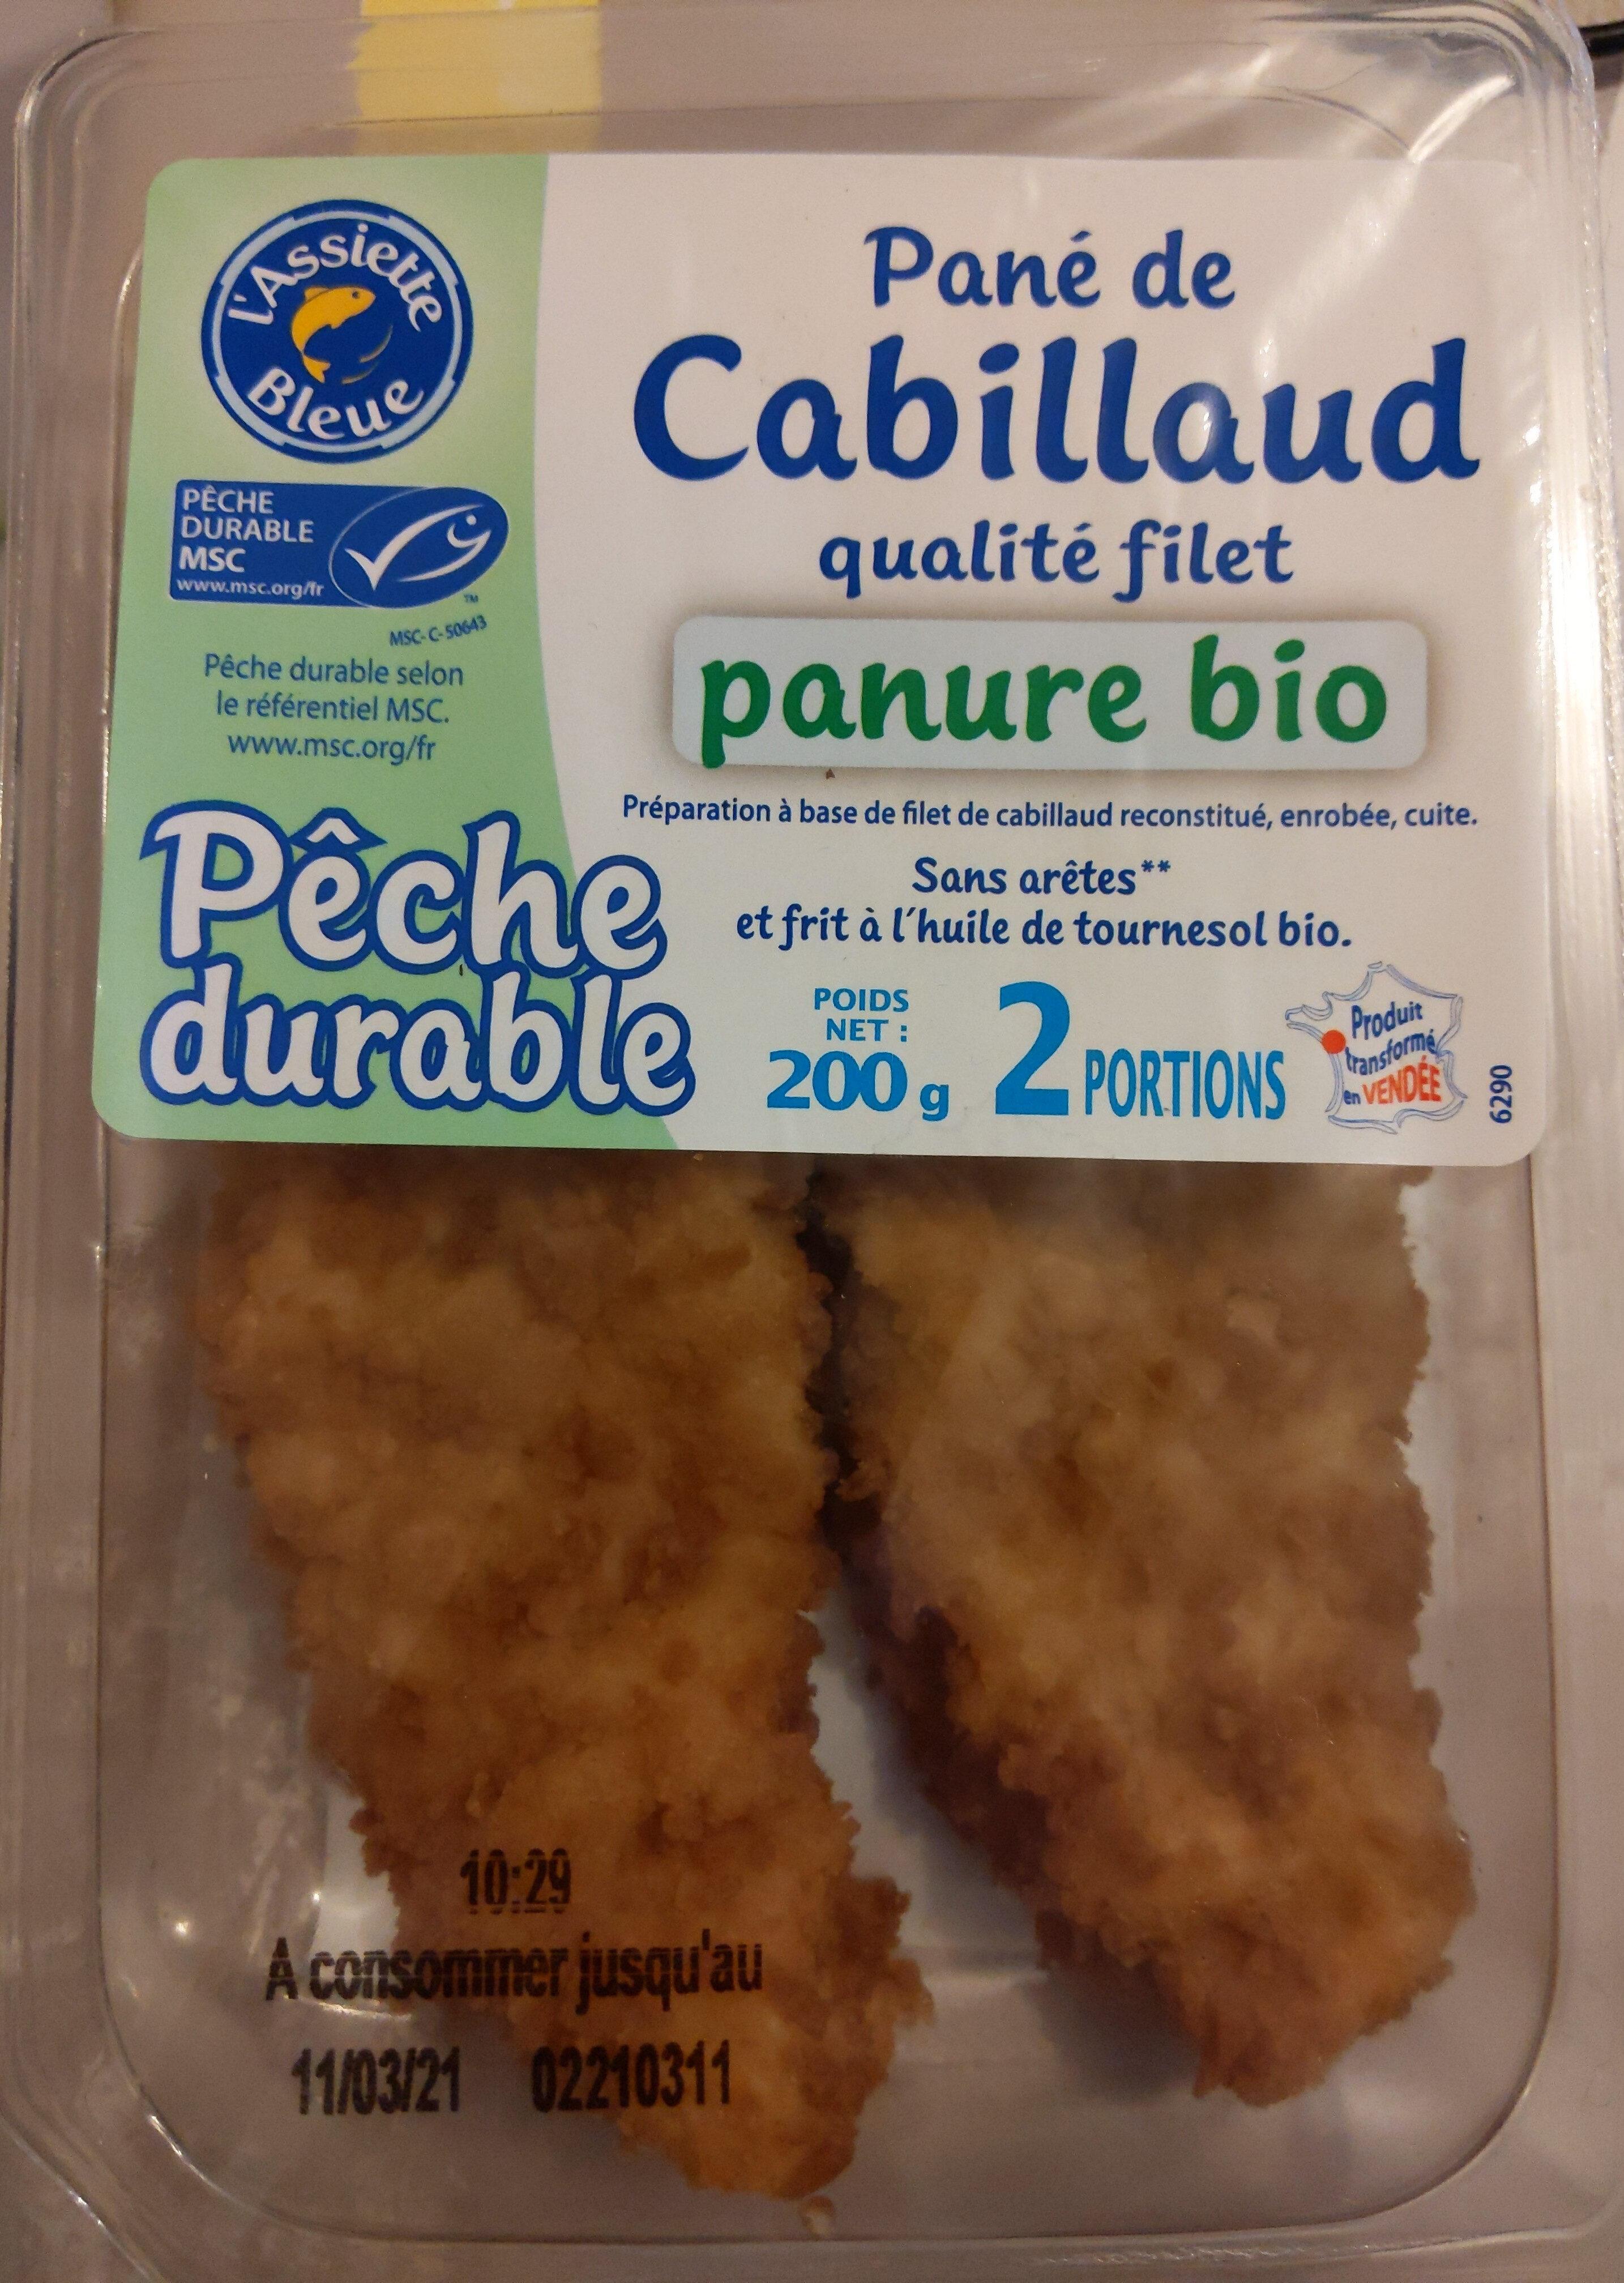 Pané de cabillaud qualité filet panure bio - Product - fr